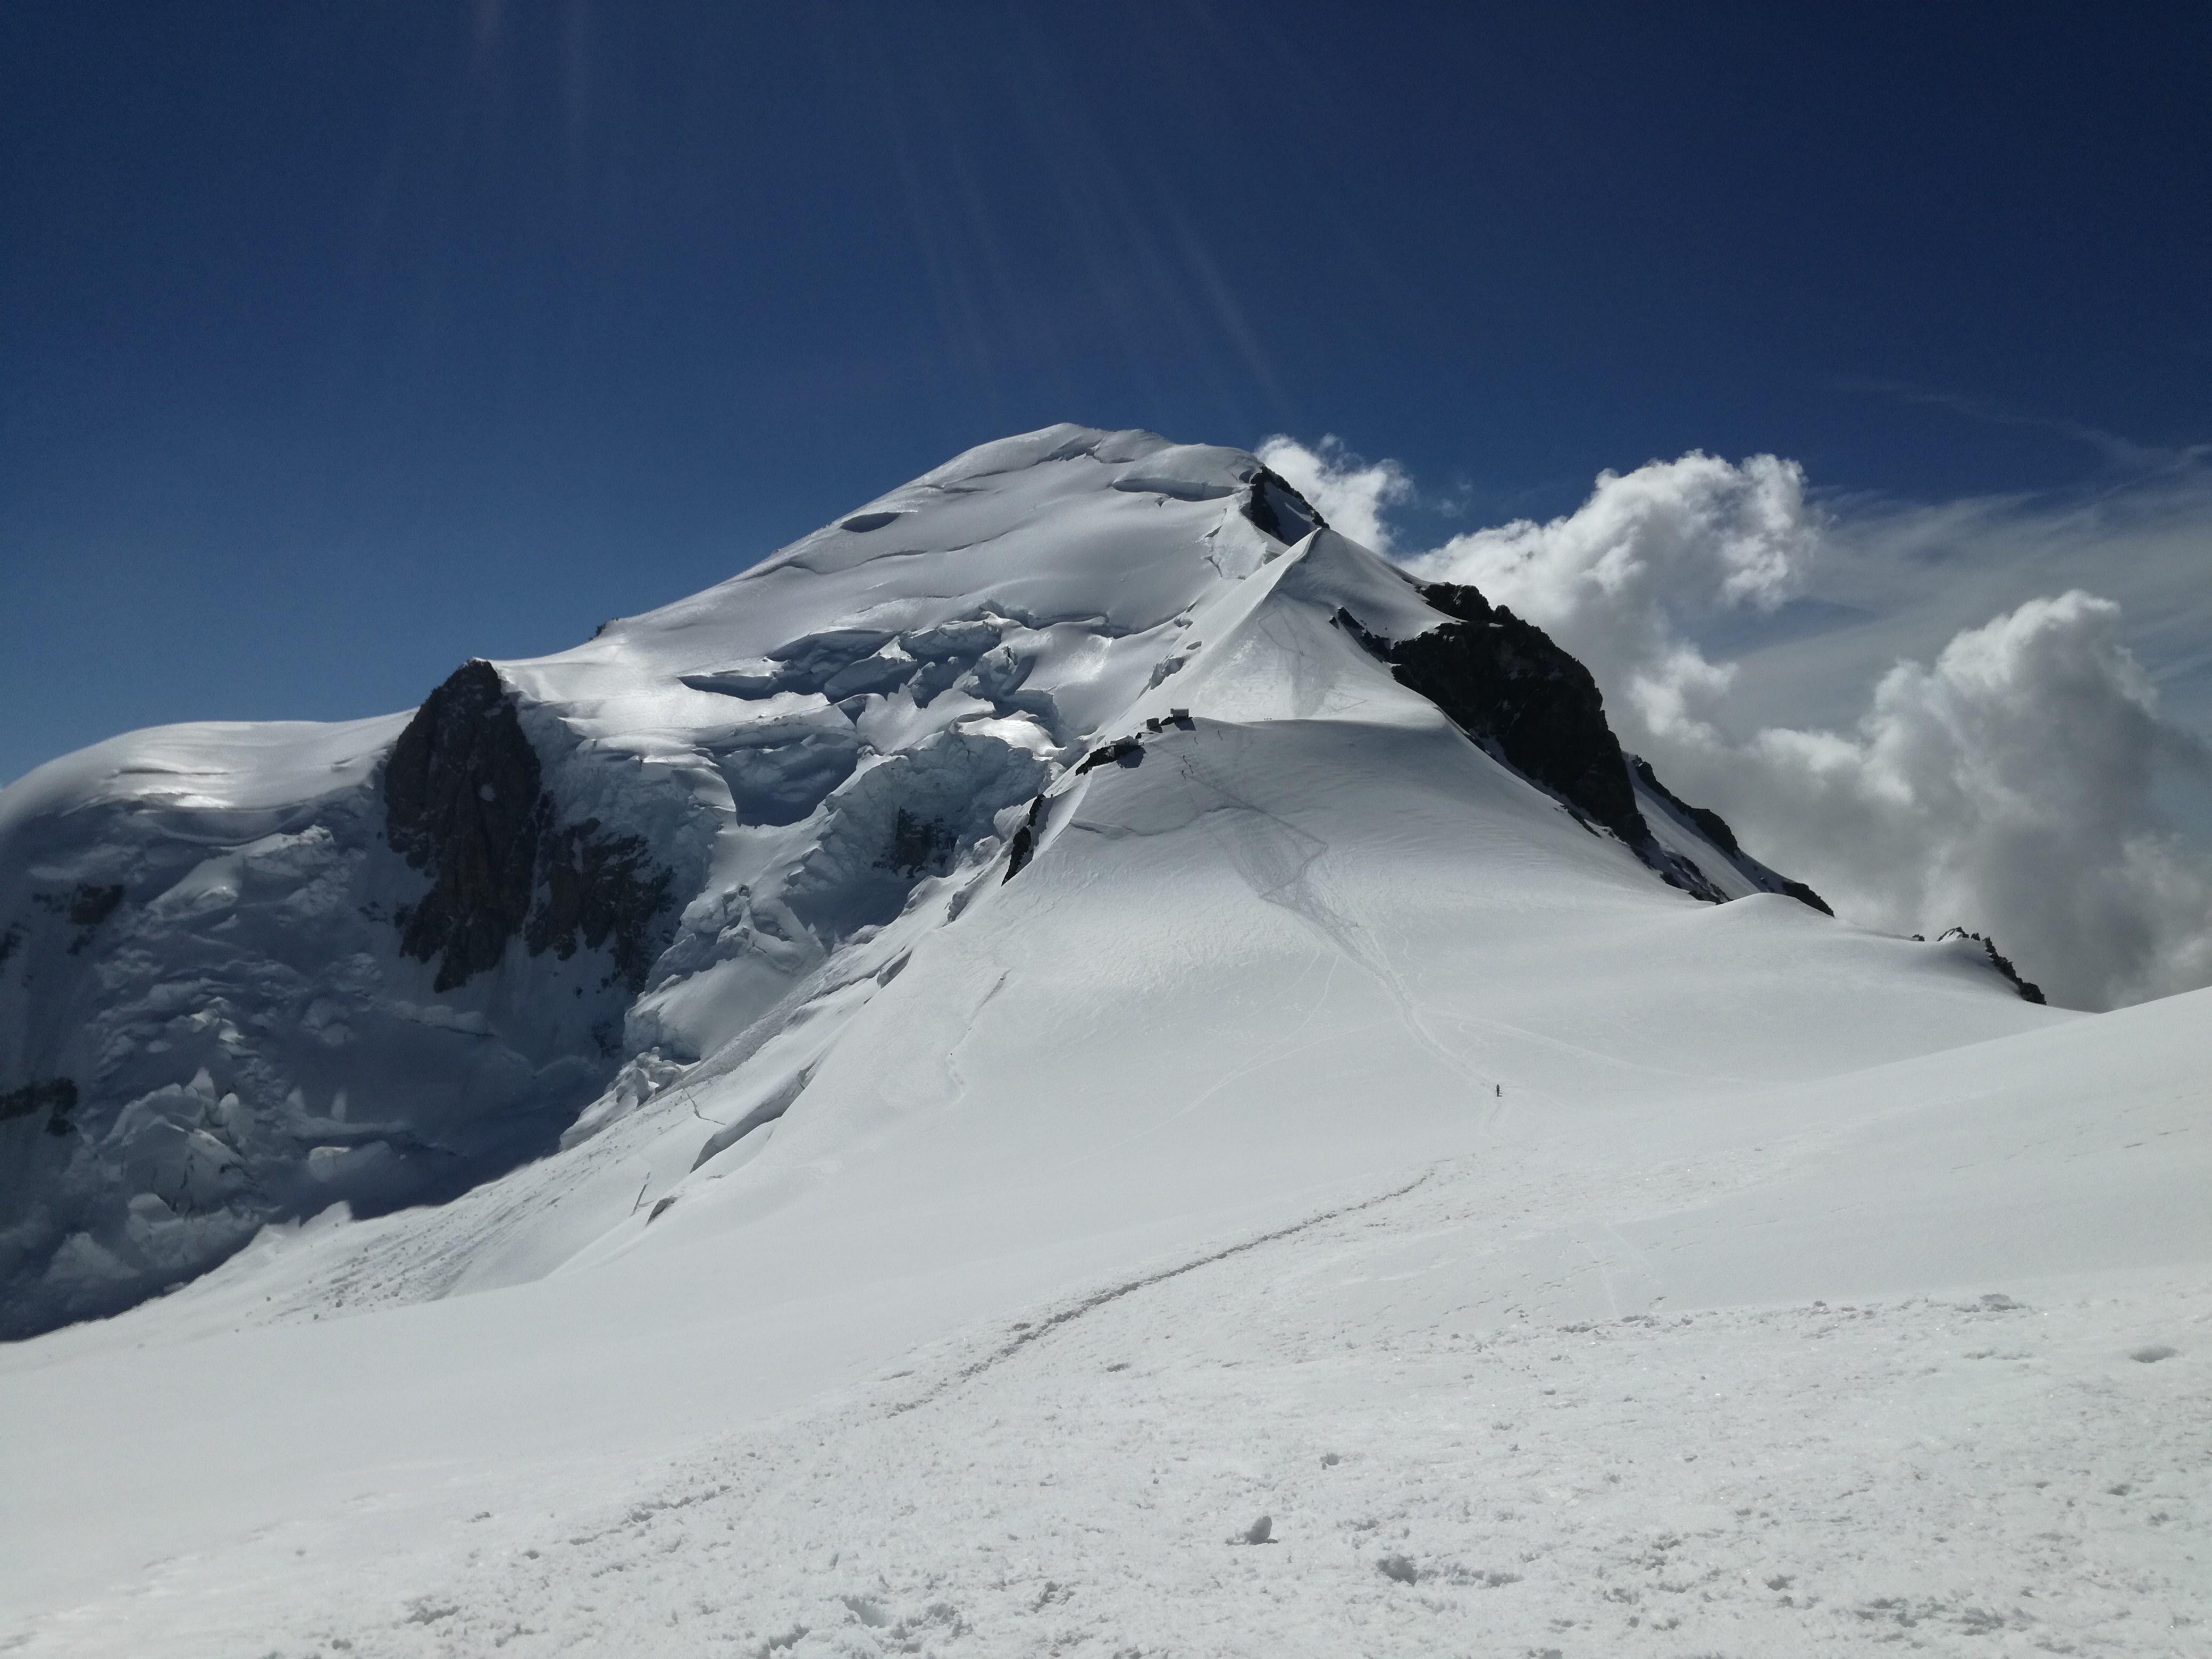 Monte Bianco 4810m, dove nulla è scontato